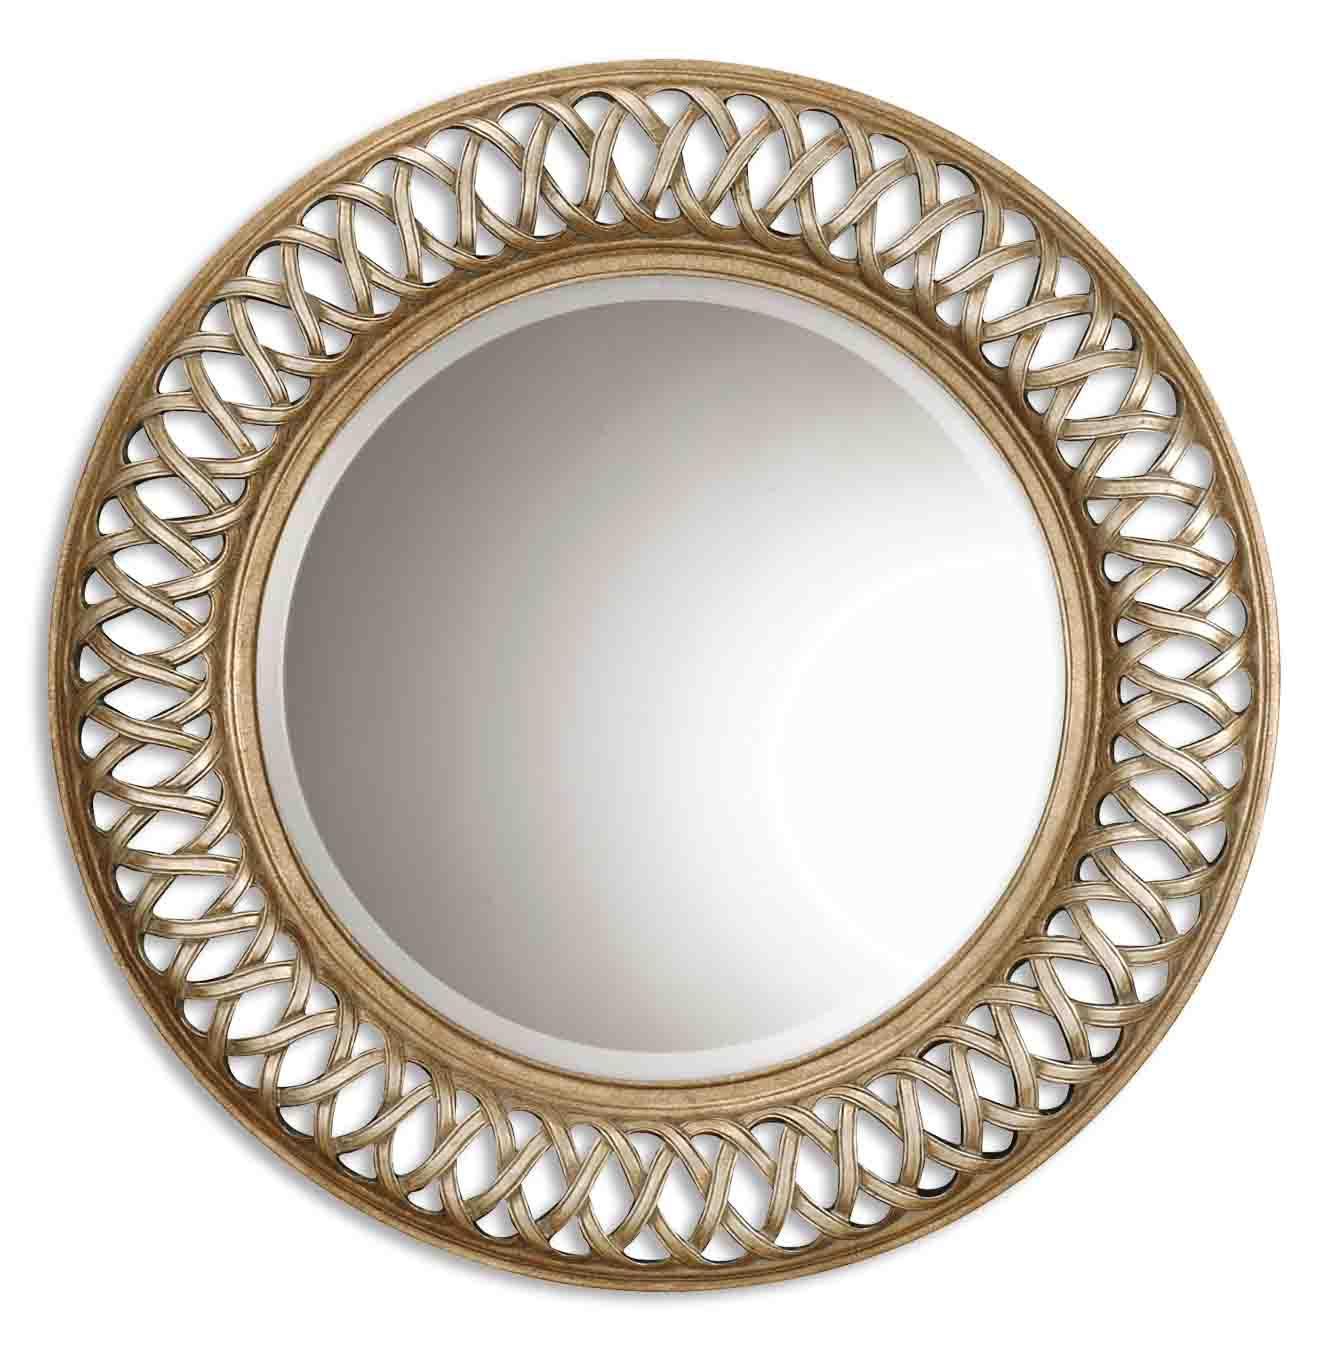 Entwined Round Mirror Uttermost Interiordecorating